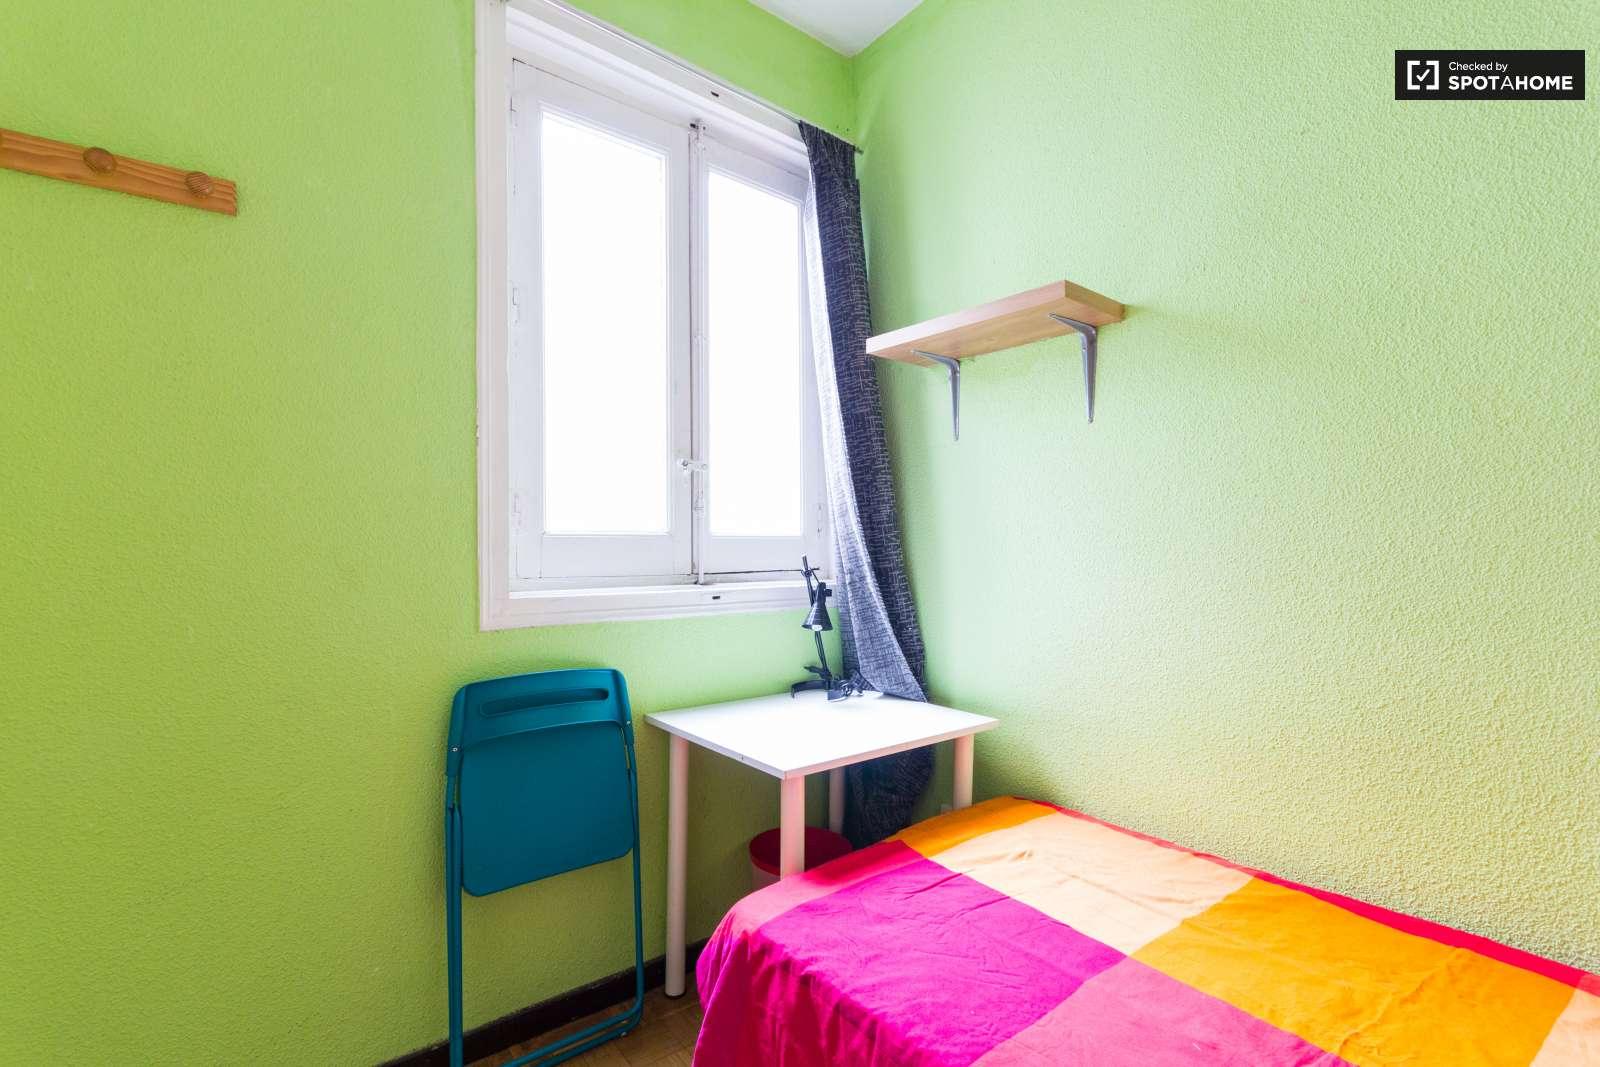 Dormitorio Latina ~ Animada habitación en piso compartido en Latina, Madrid (ref 116490) Spotahome